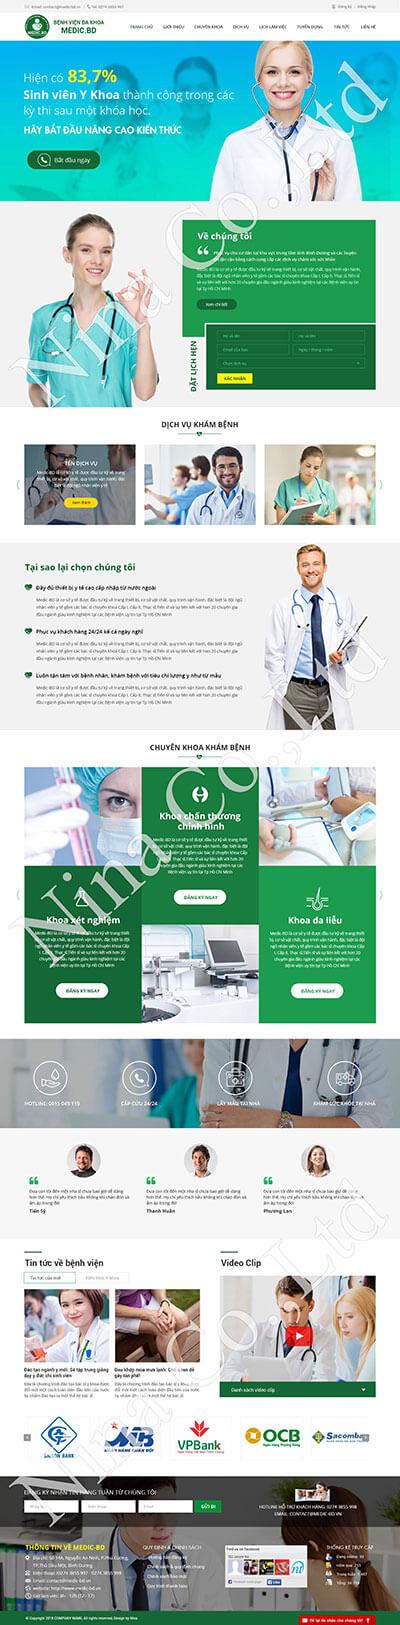 Bệnh viện Đa khoa Medic.BD